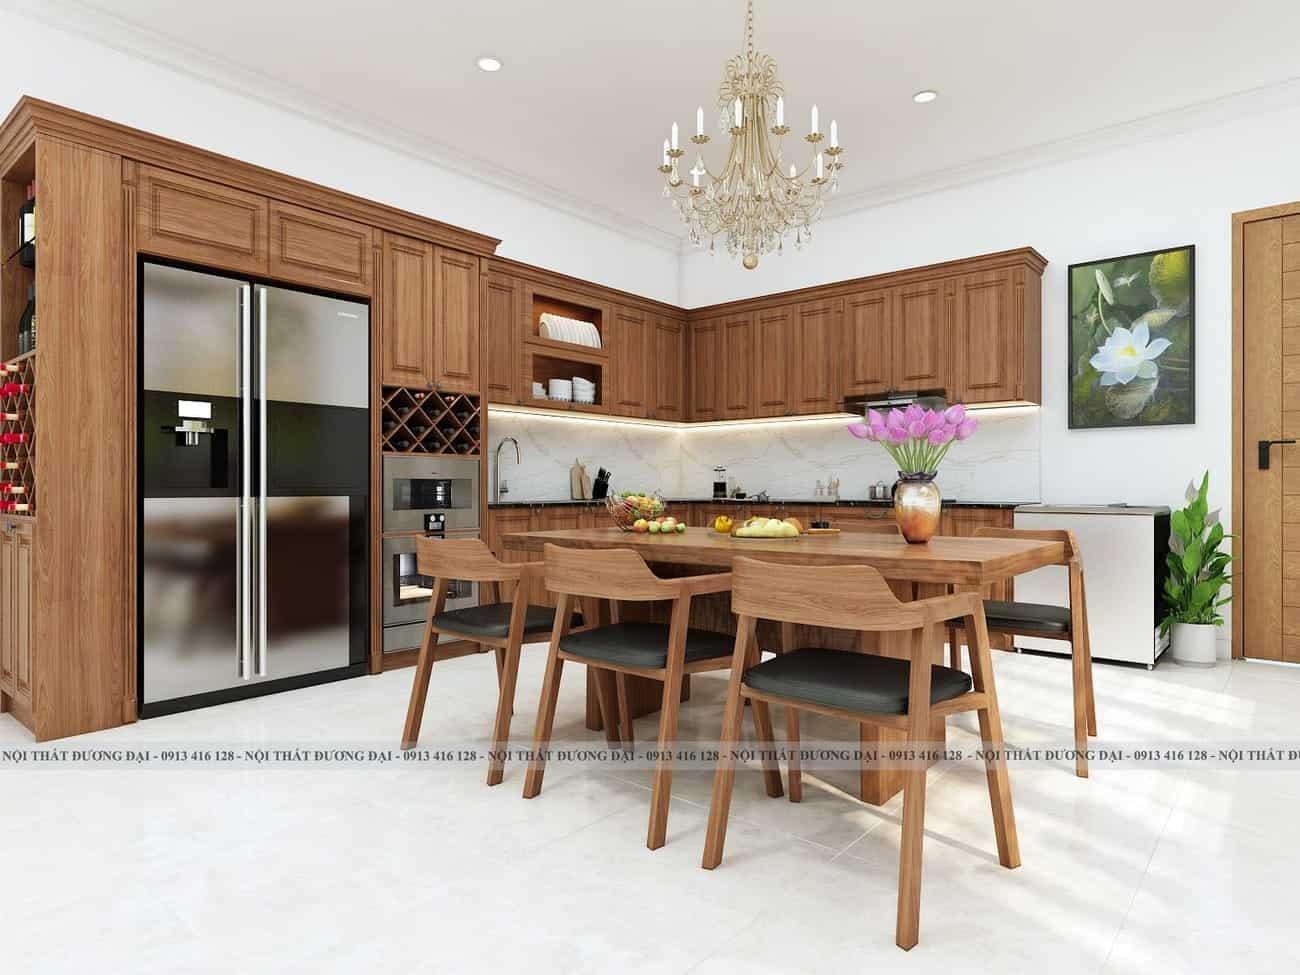 Thiết kế đa năng của tủ bếp kết hợp tủ rượu lớn